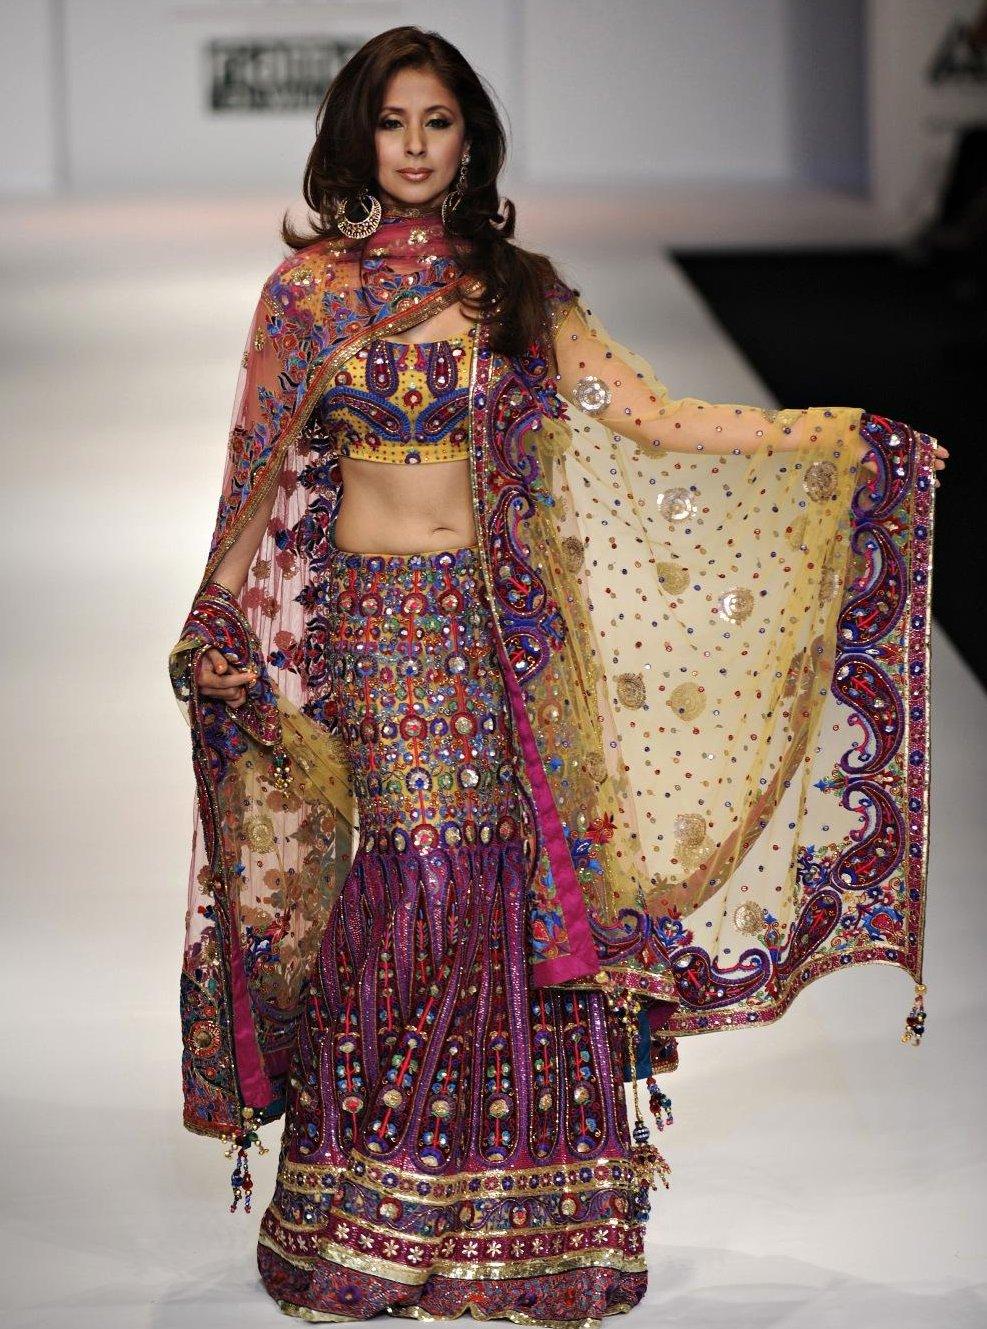 Retro fashion in india 89